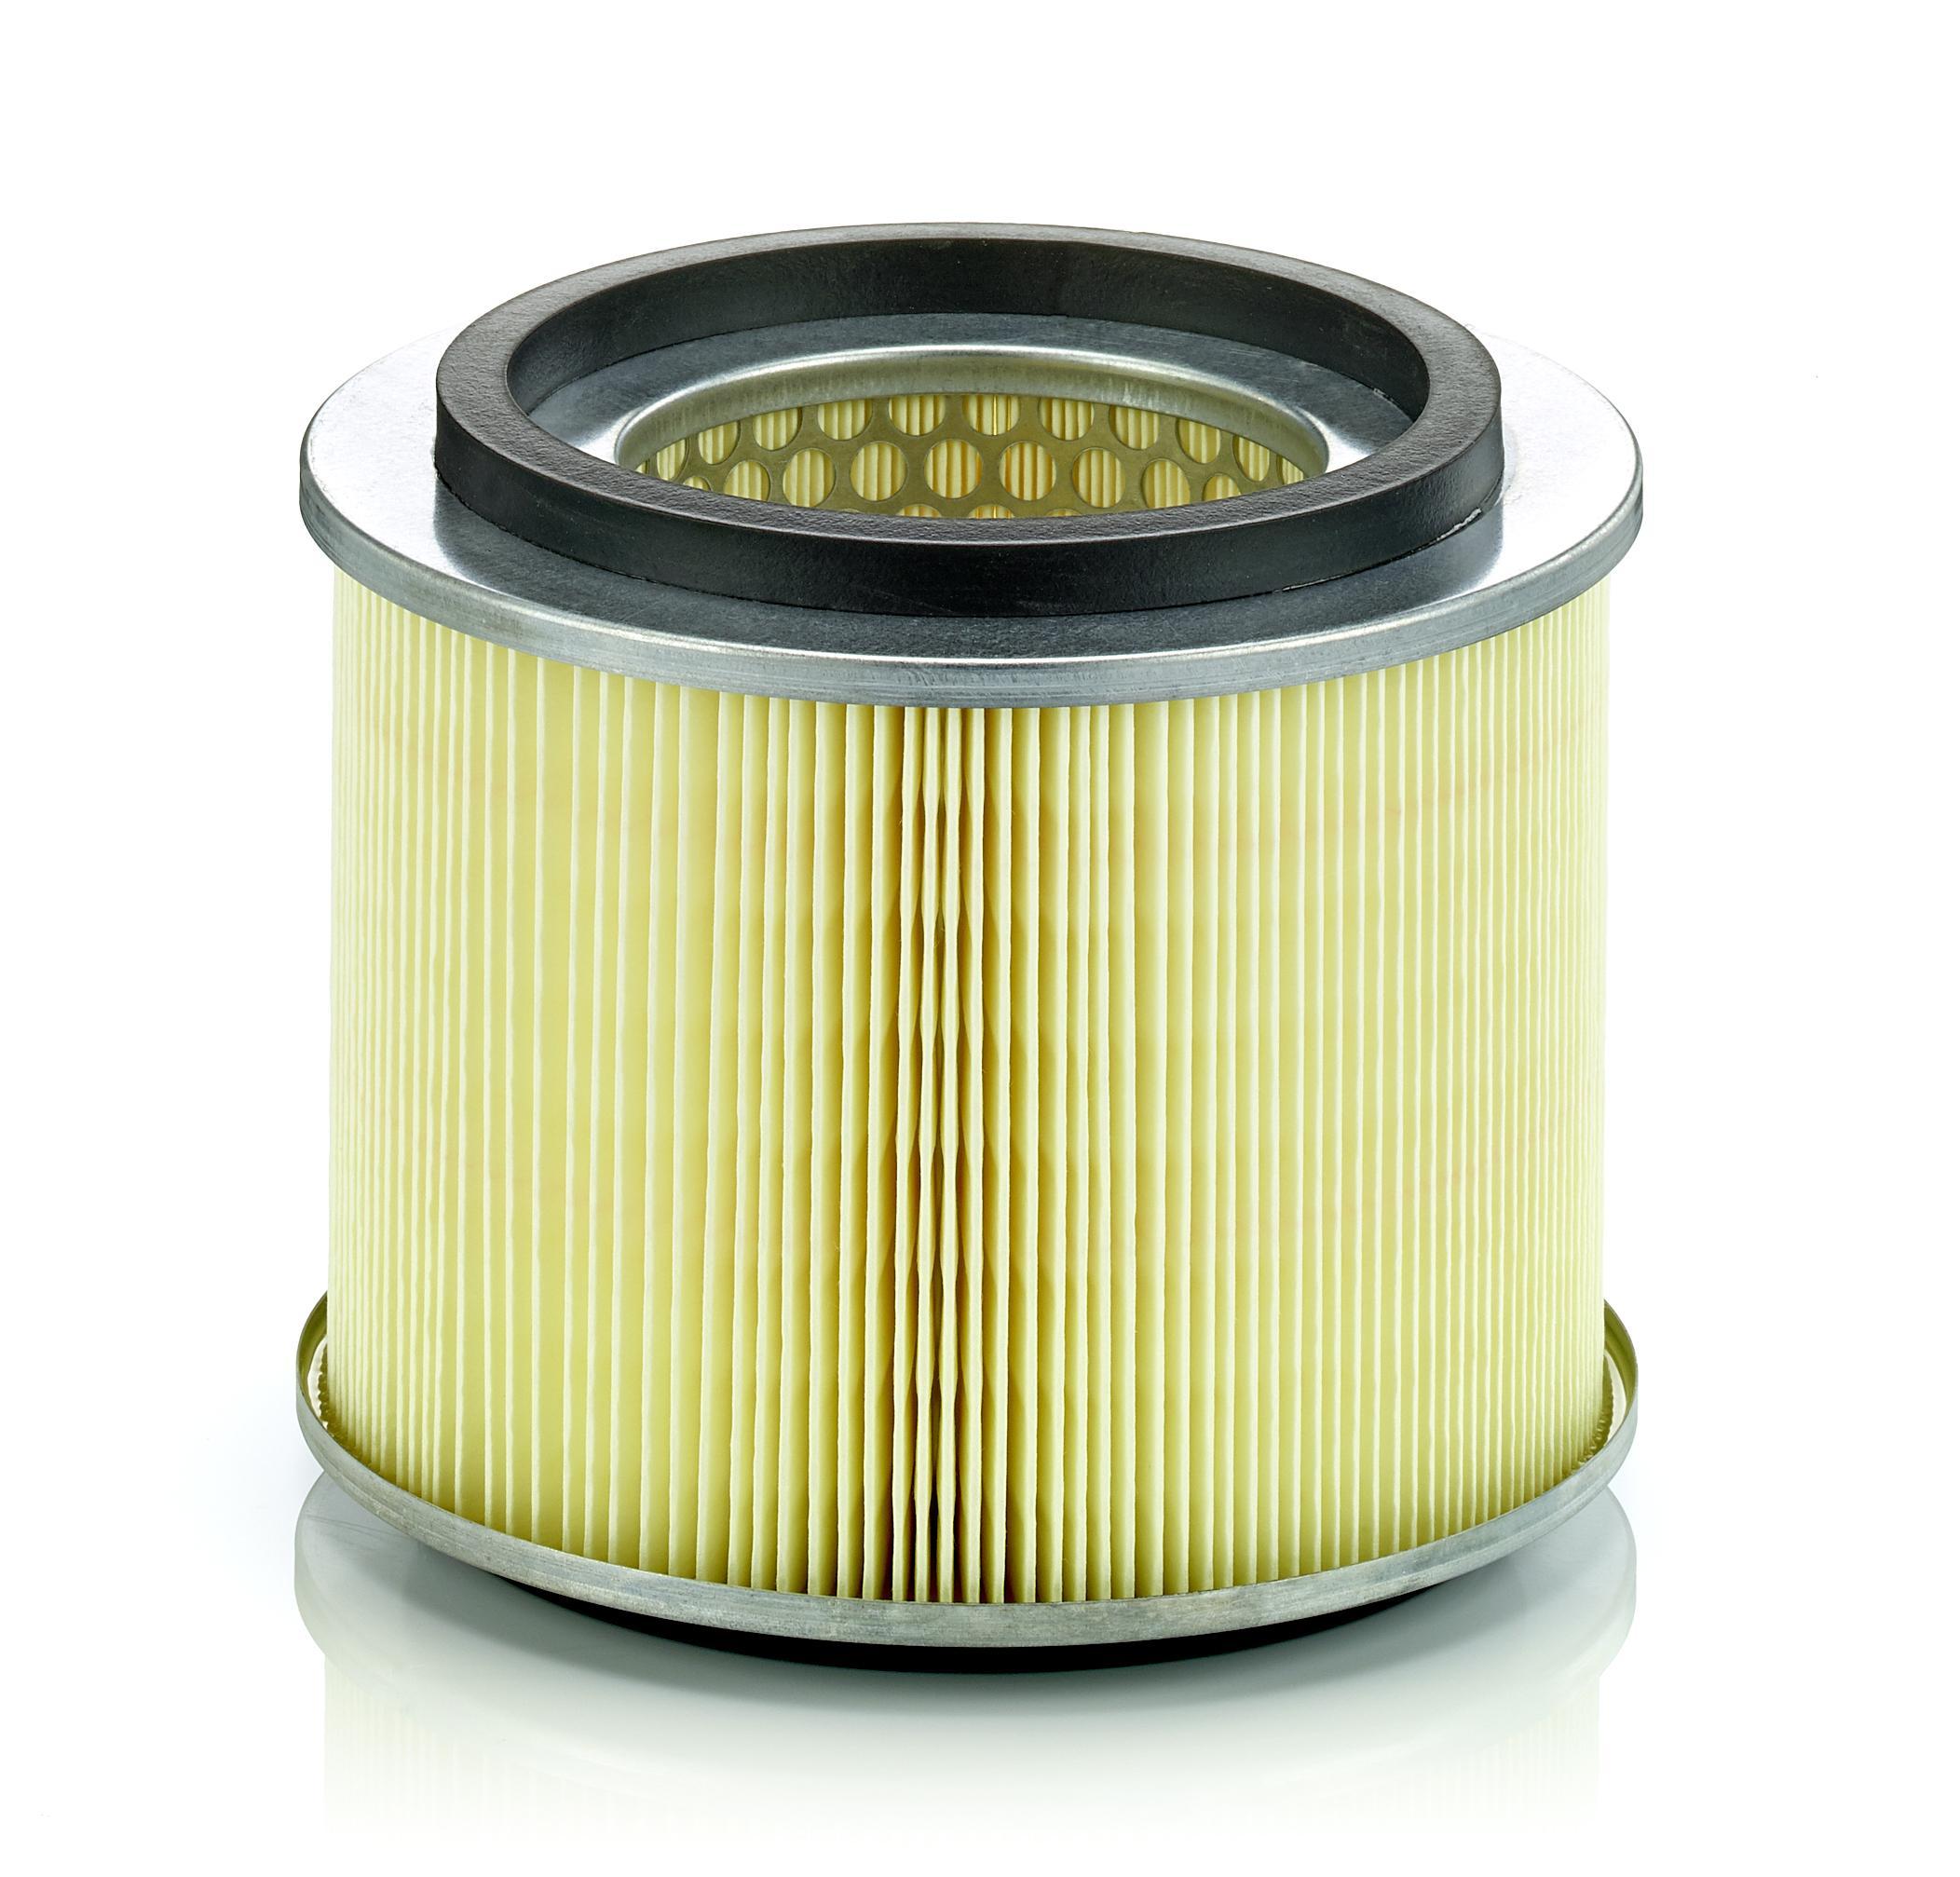 Zracni filter C 18 006 z izjemnim razmerjem med MANN-FILTER ceno in zmogljivostjo